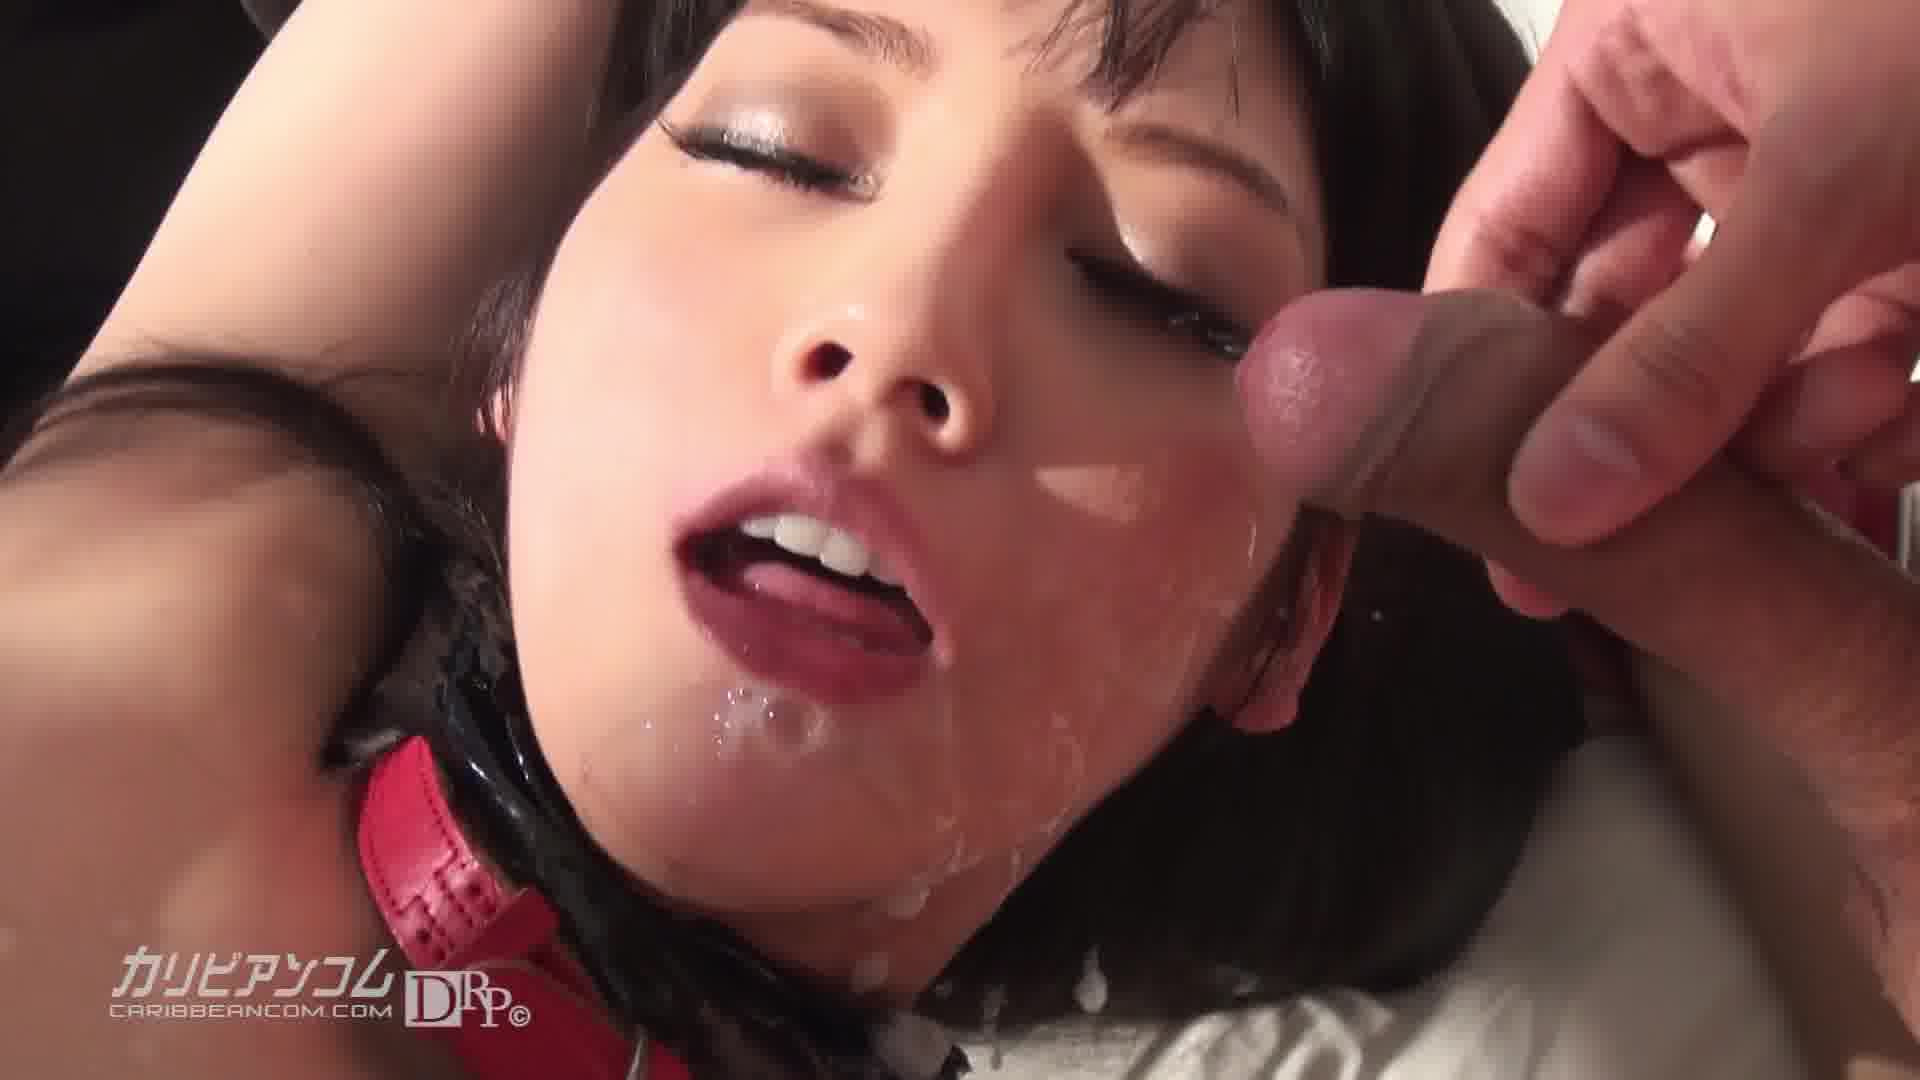 獄畜14 ~美女の恥肉塊~ - みづなれい【乱交・SM・ハード系】